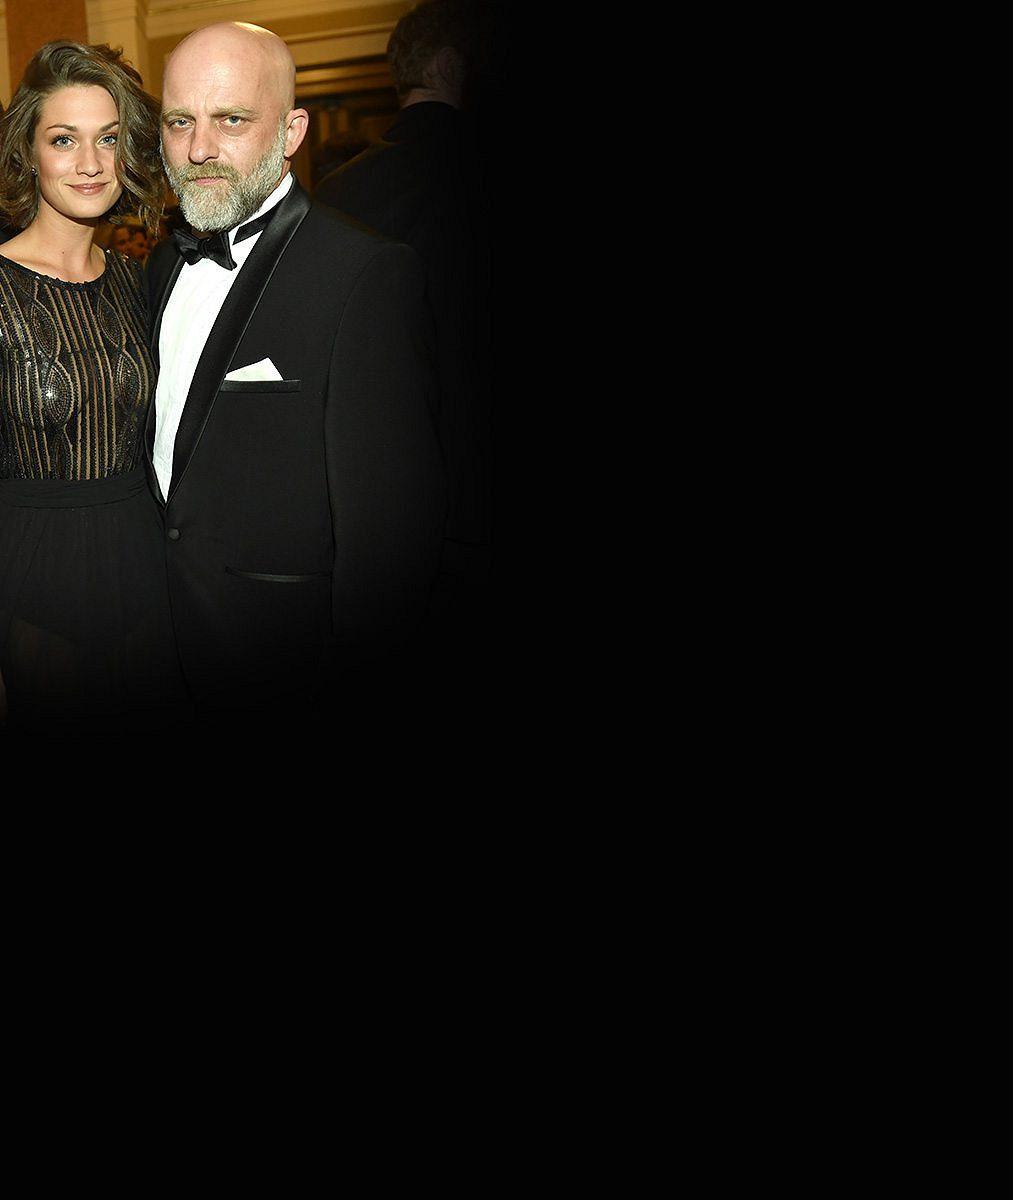 Hynek Čermák se pyšní svou o21let mladší manželkou anení divu: Tahle brunetka zUlice je prostě krásná!